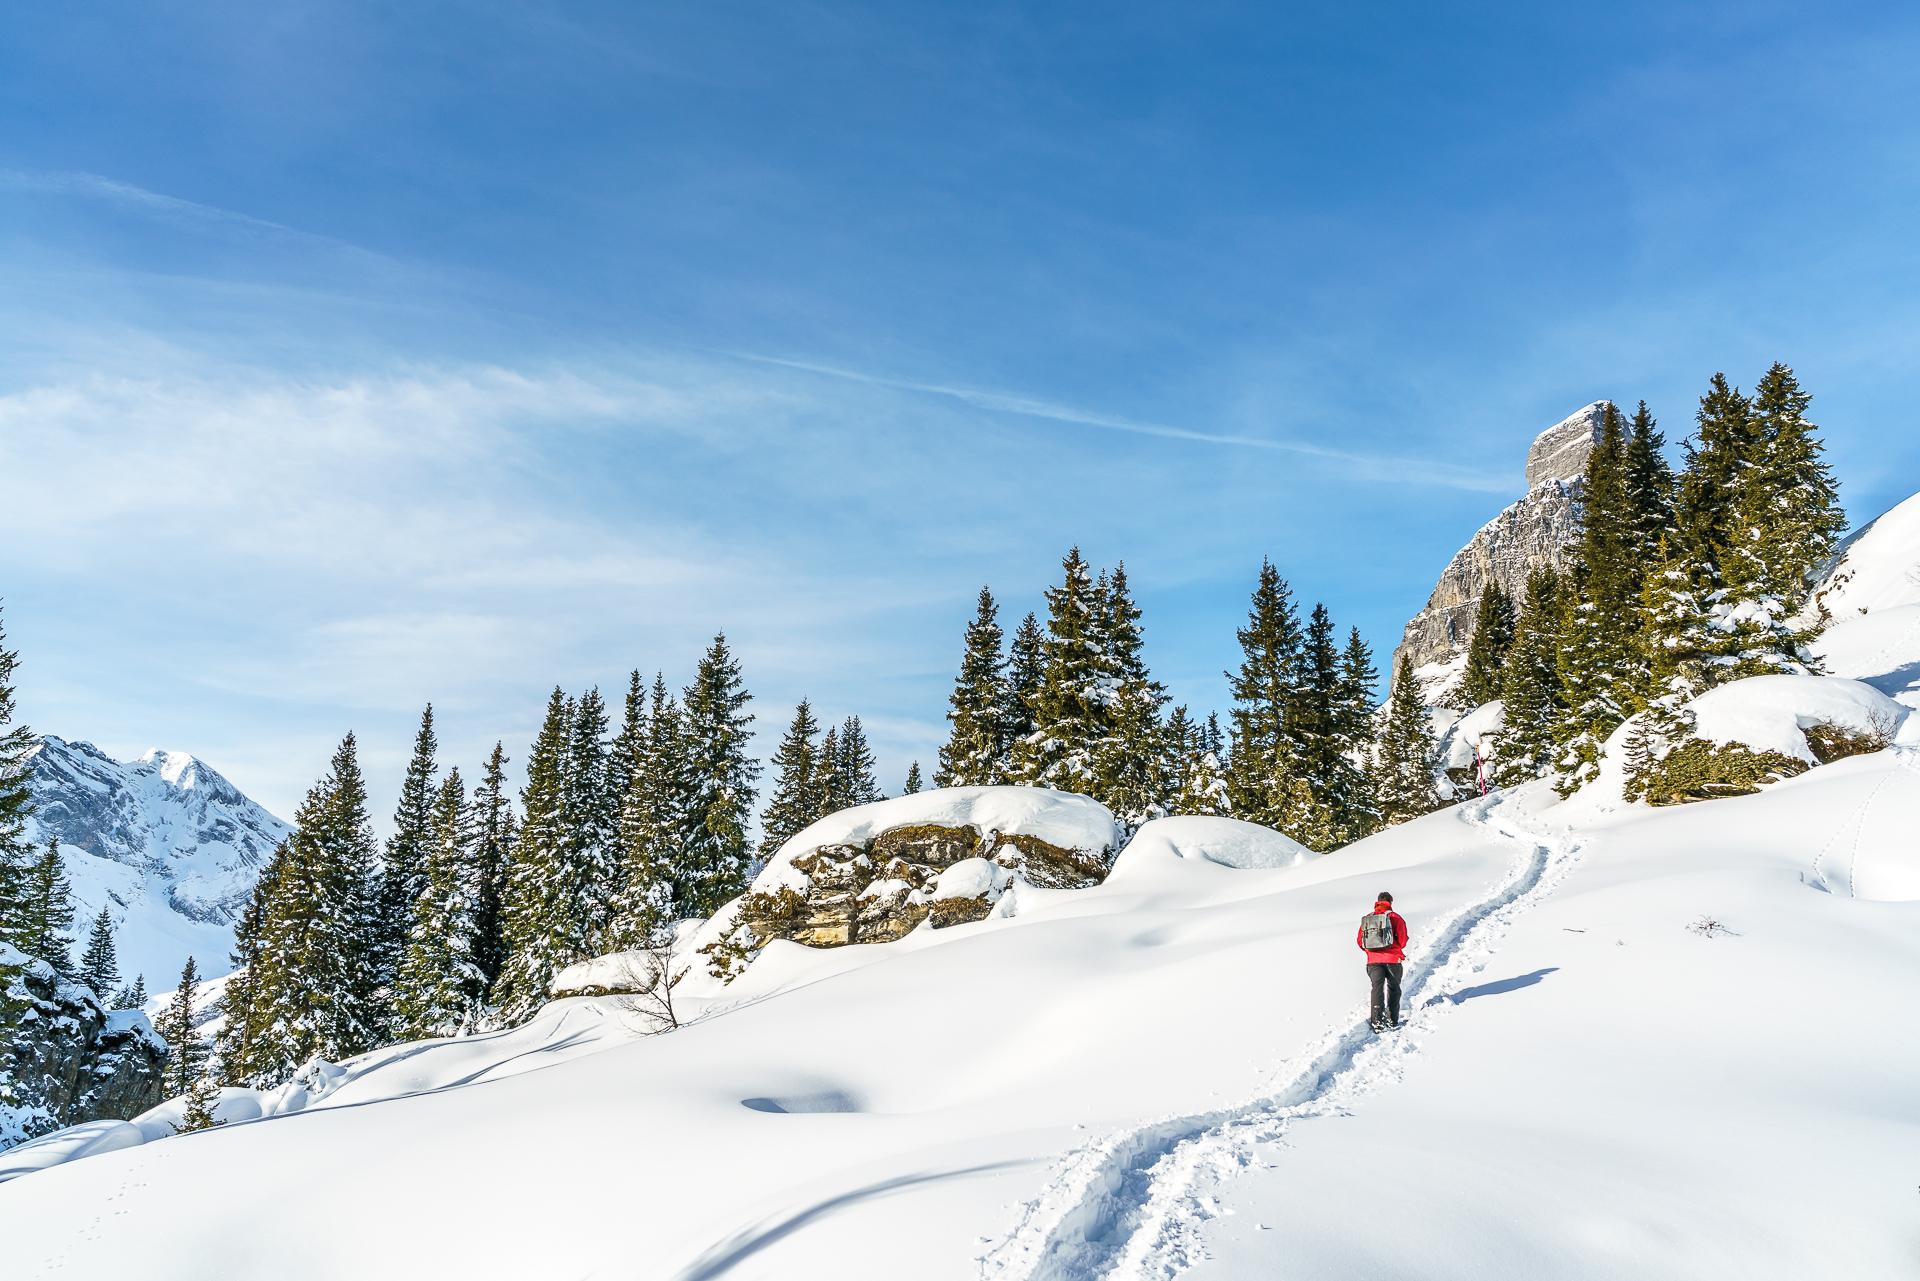 Schneeschuhtour-Braunwald-Grotzenbuel